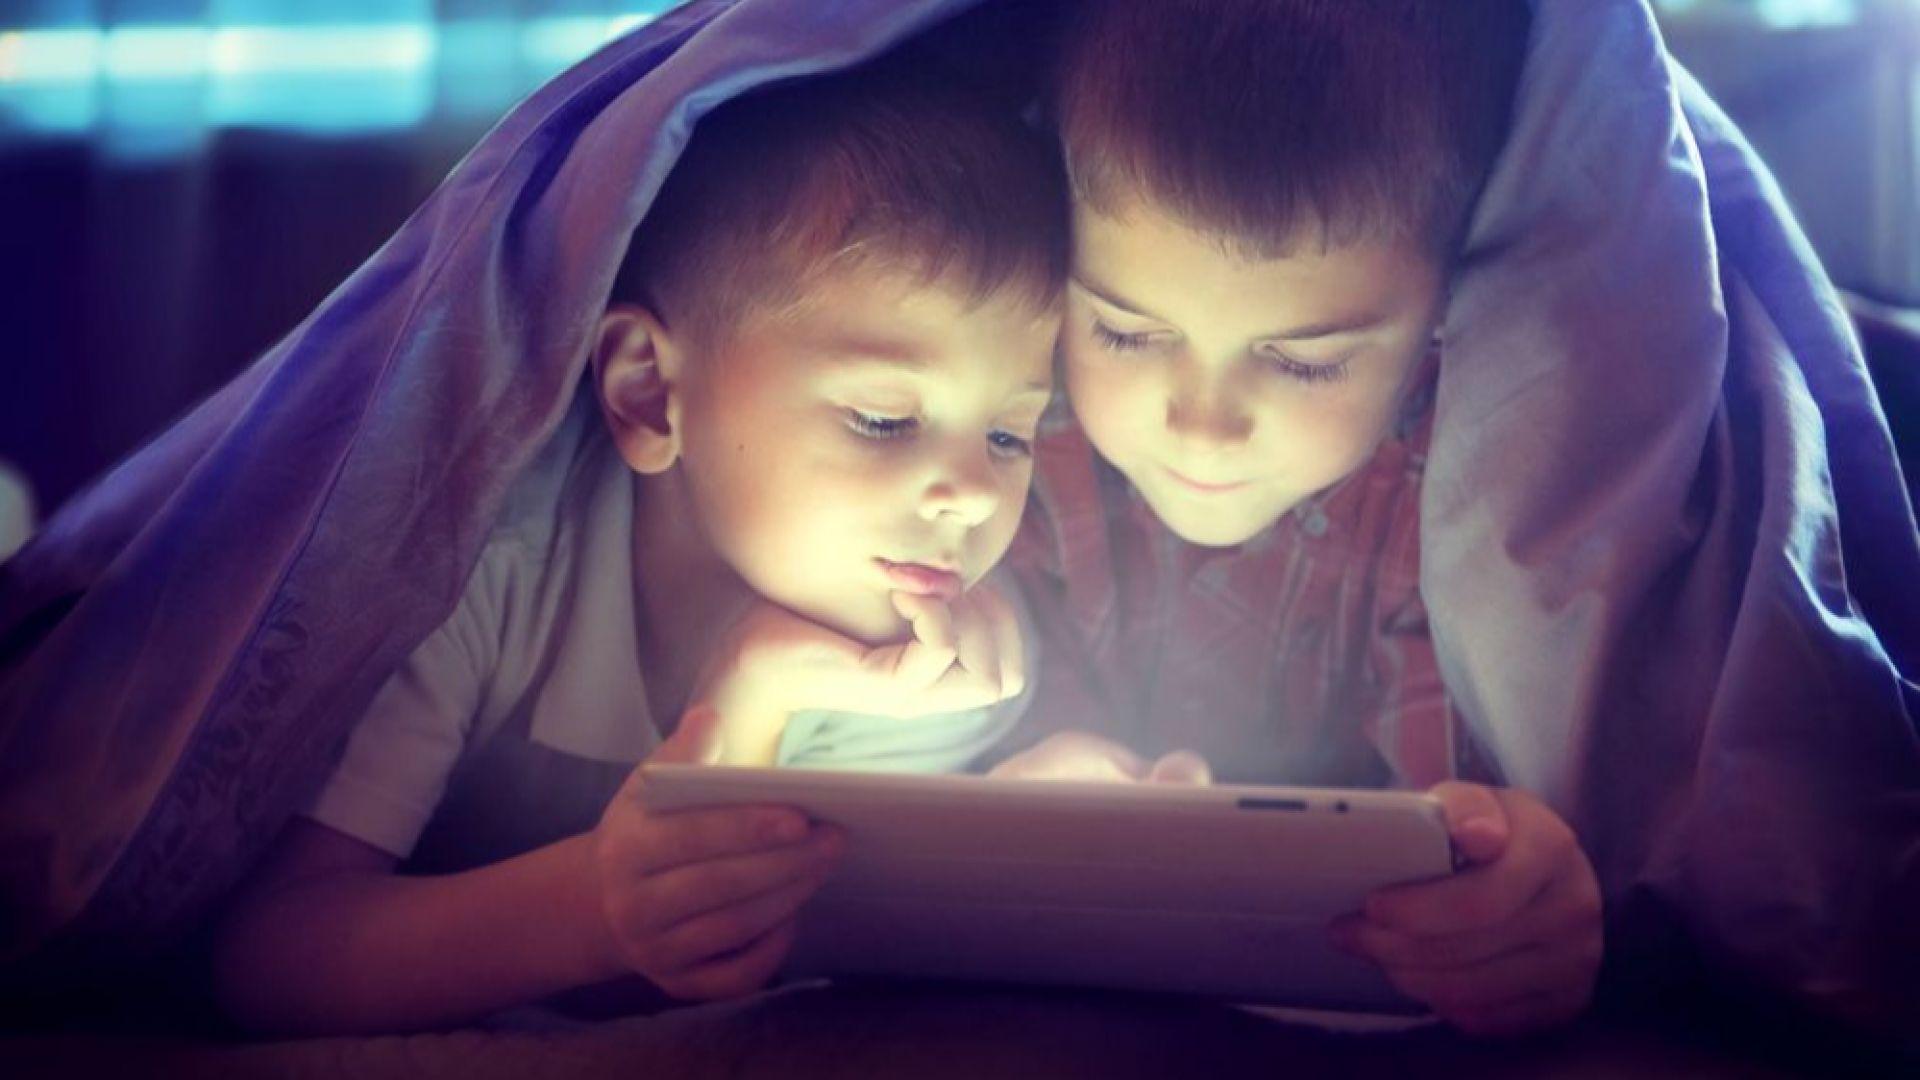 Децата не трябва да гледат в екрани най-малко час преди лягане